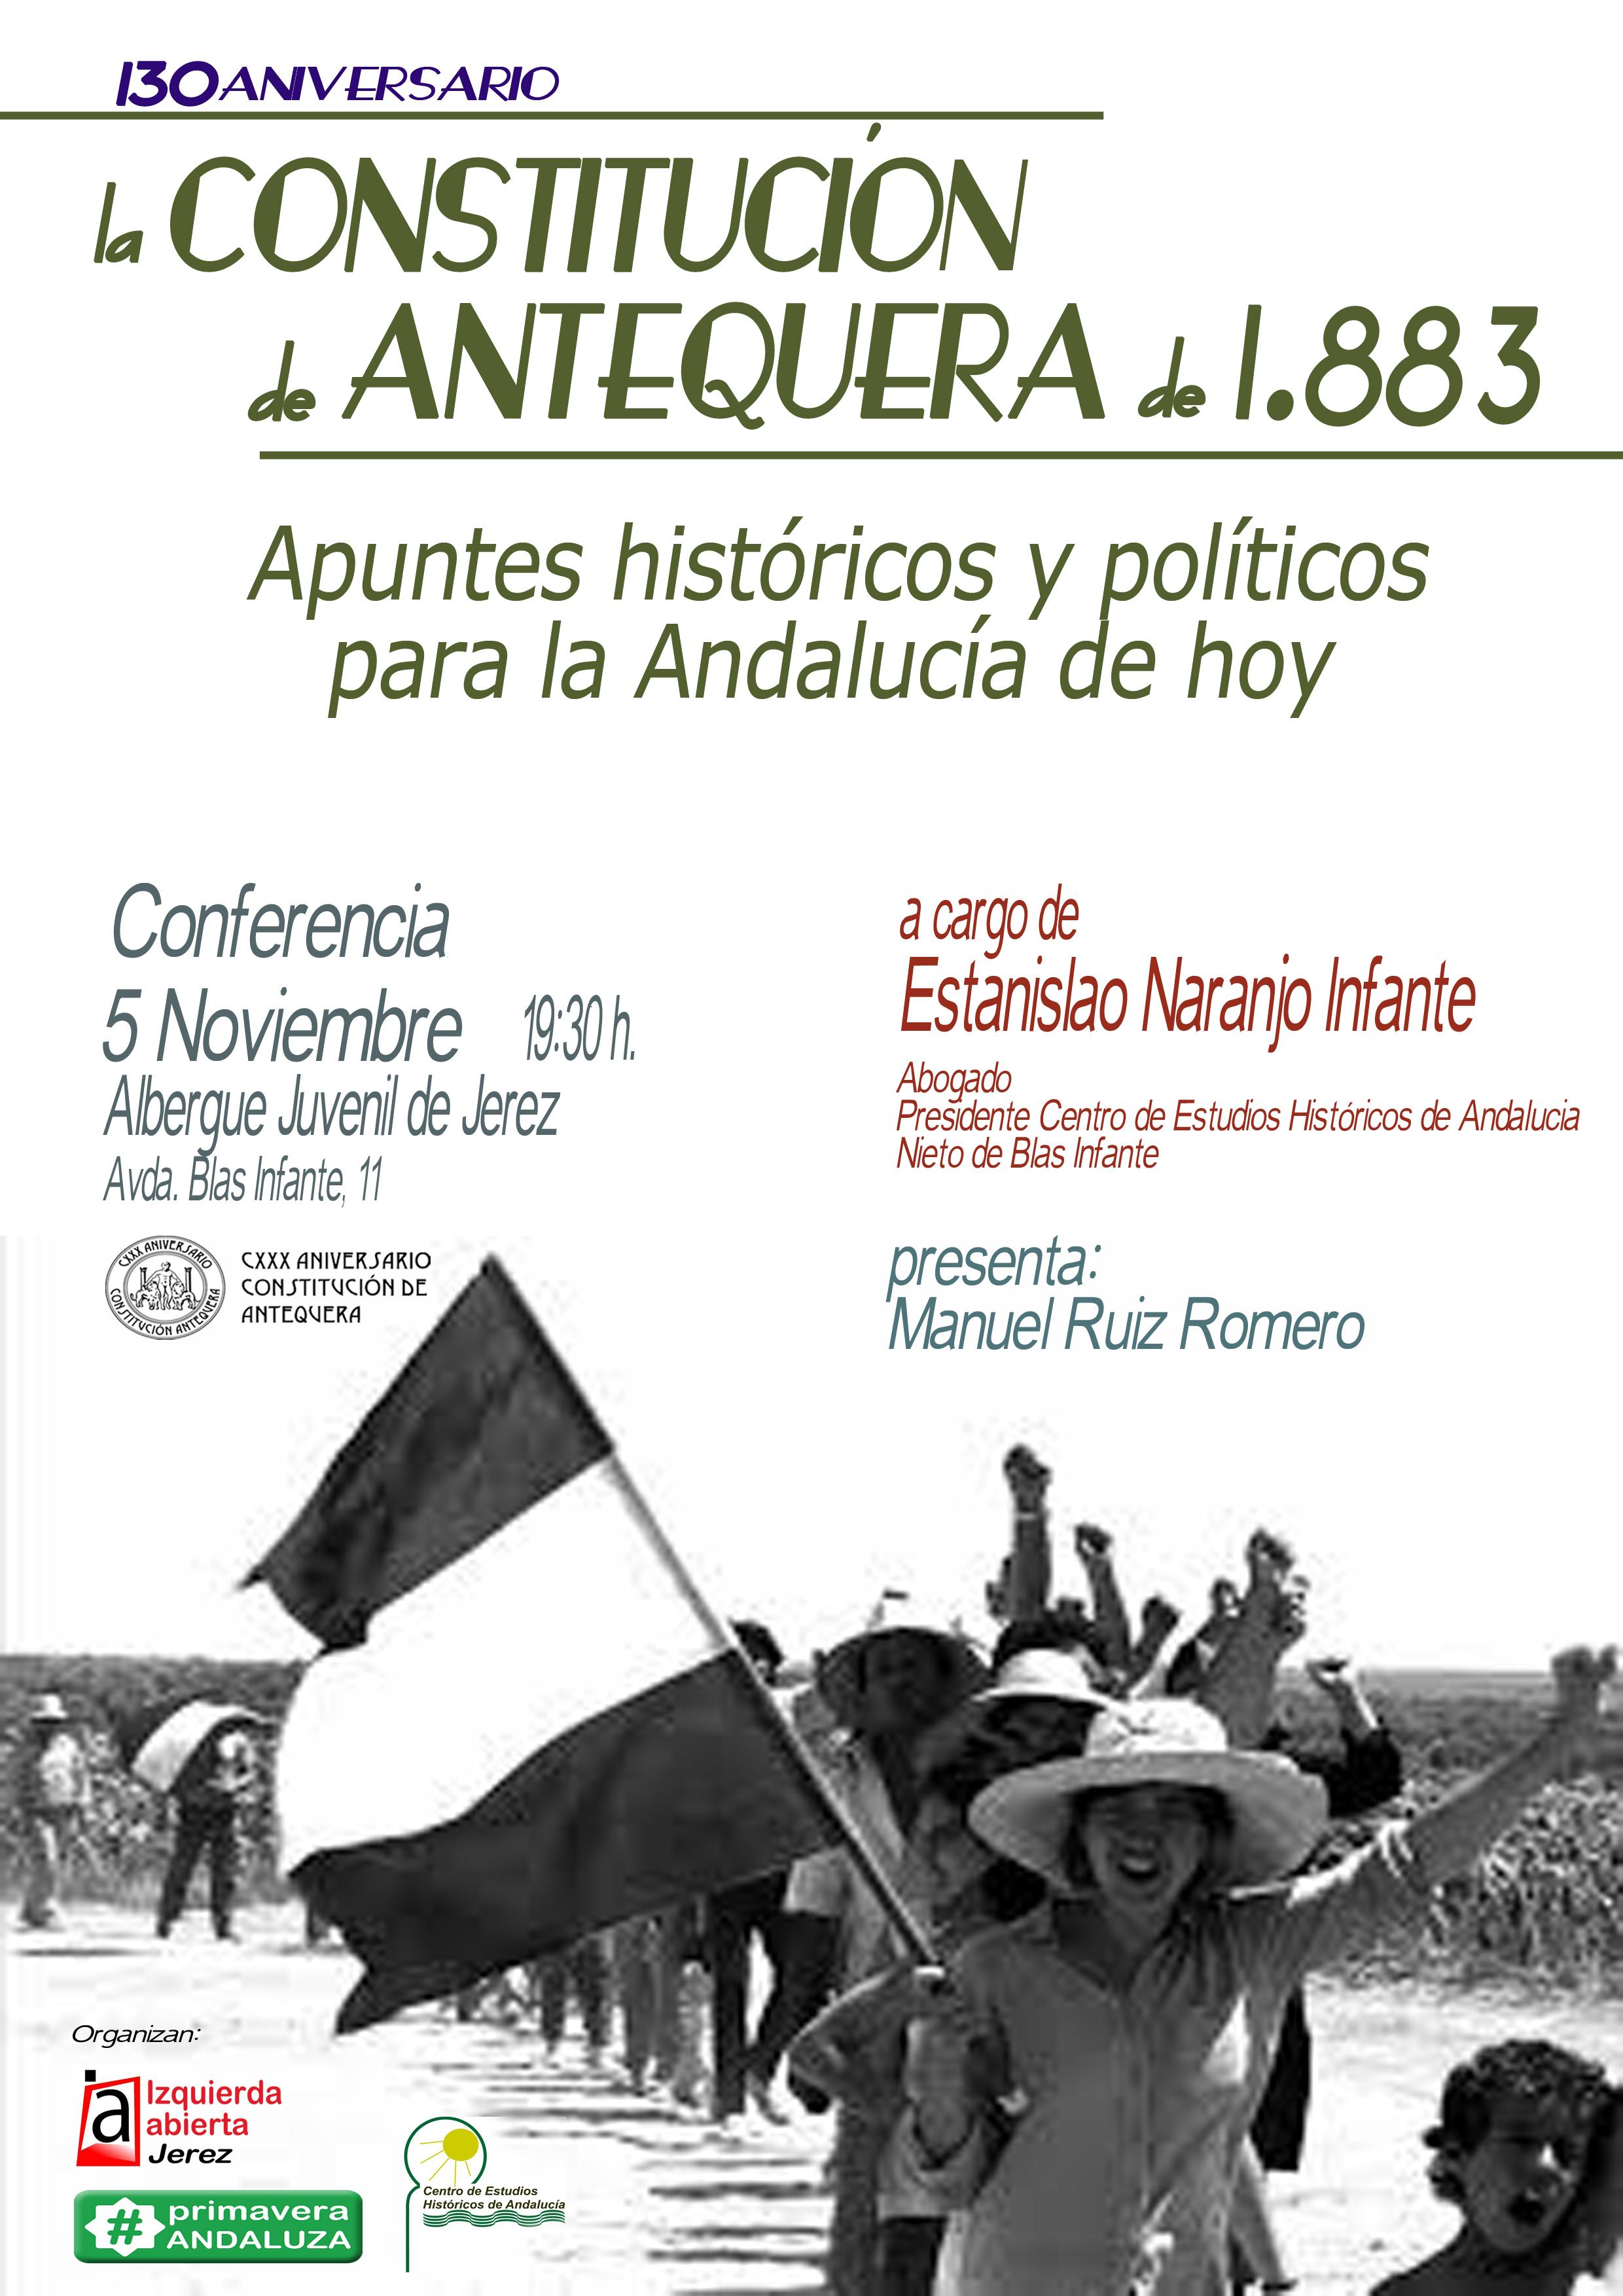 CARTEL JEREZ Constitucion Antequera